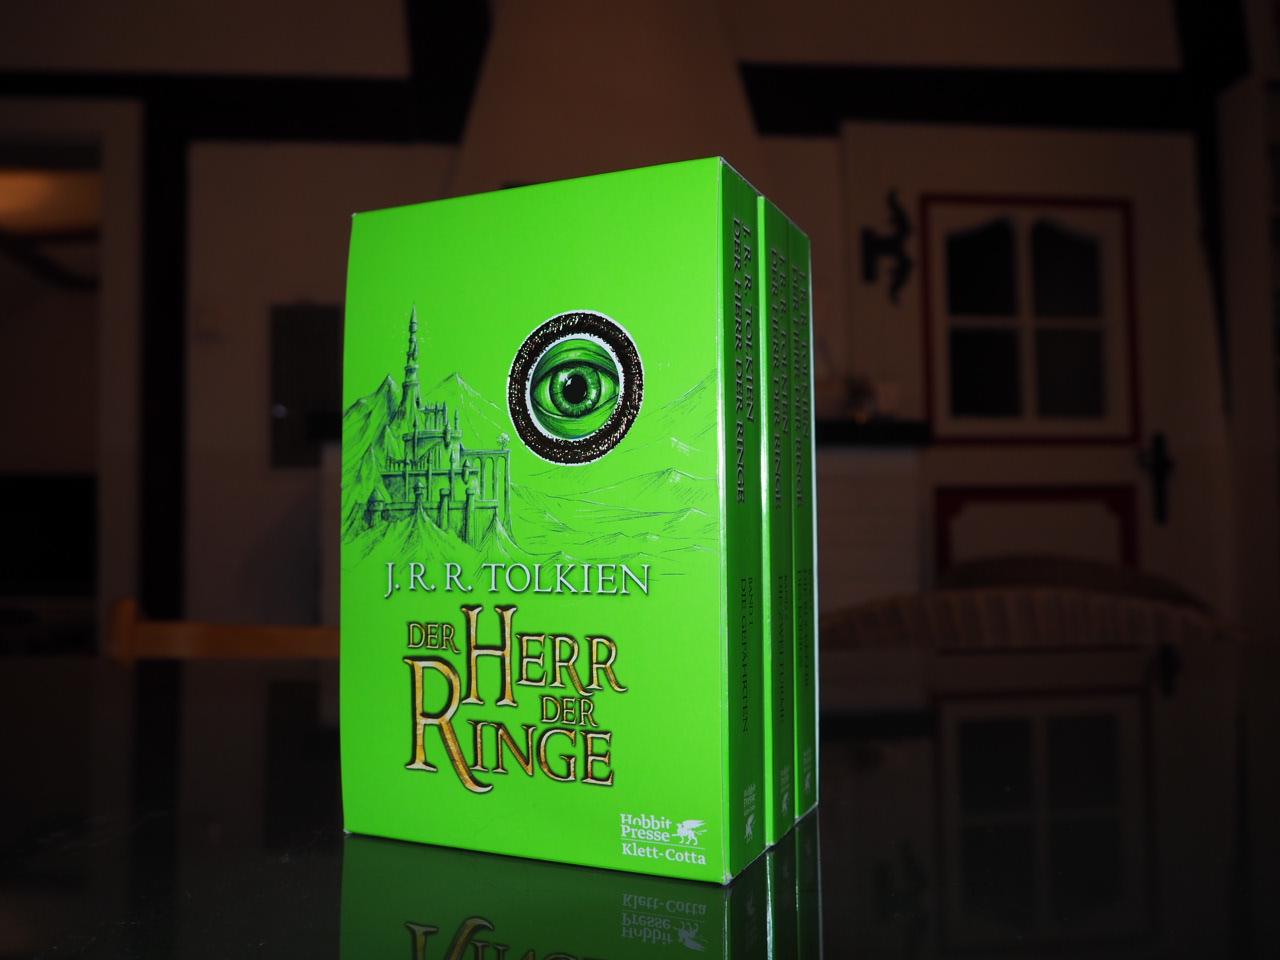 J. R. R. Tolkien: Der Herr der Ringe